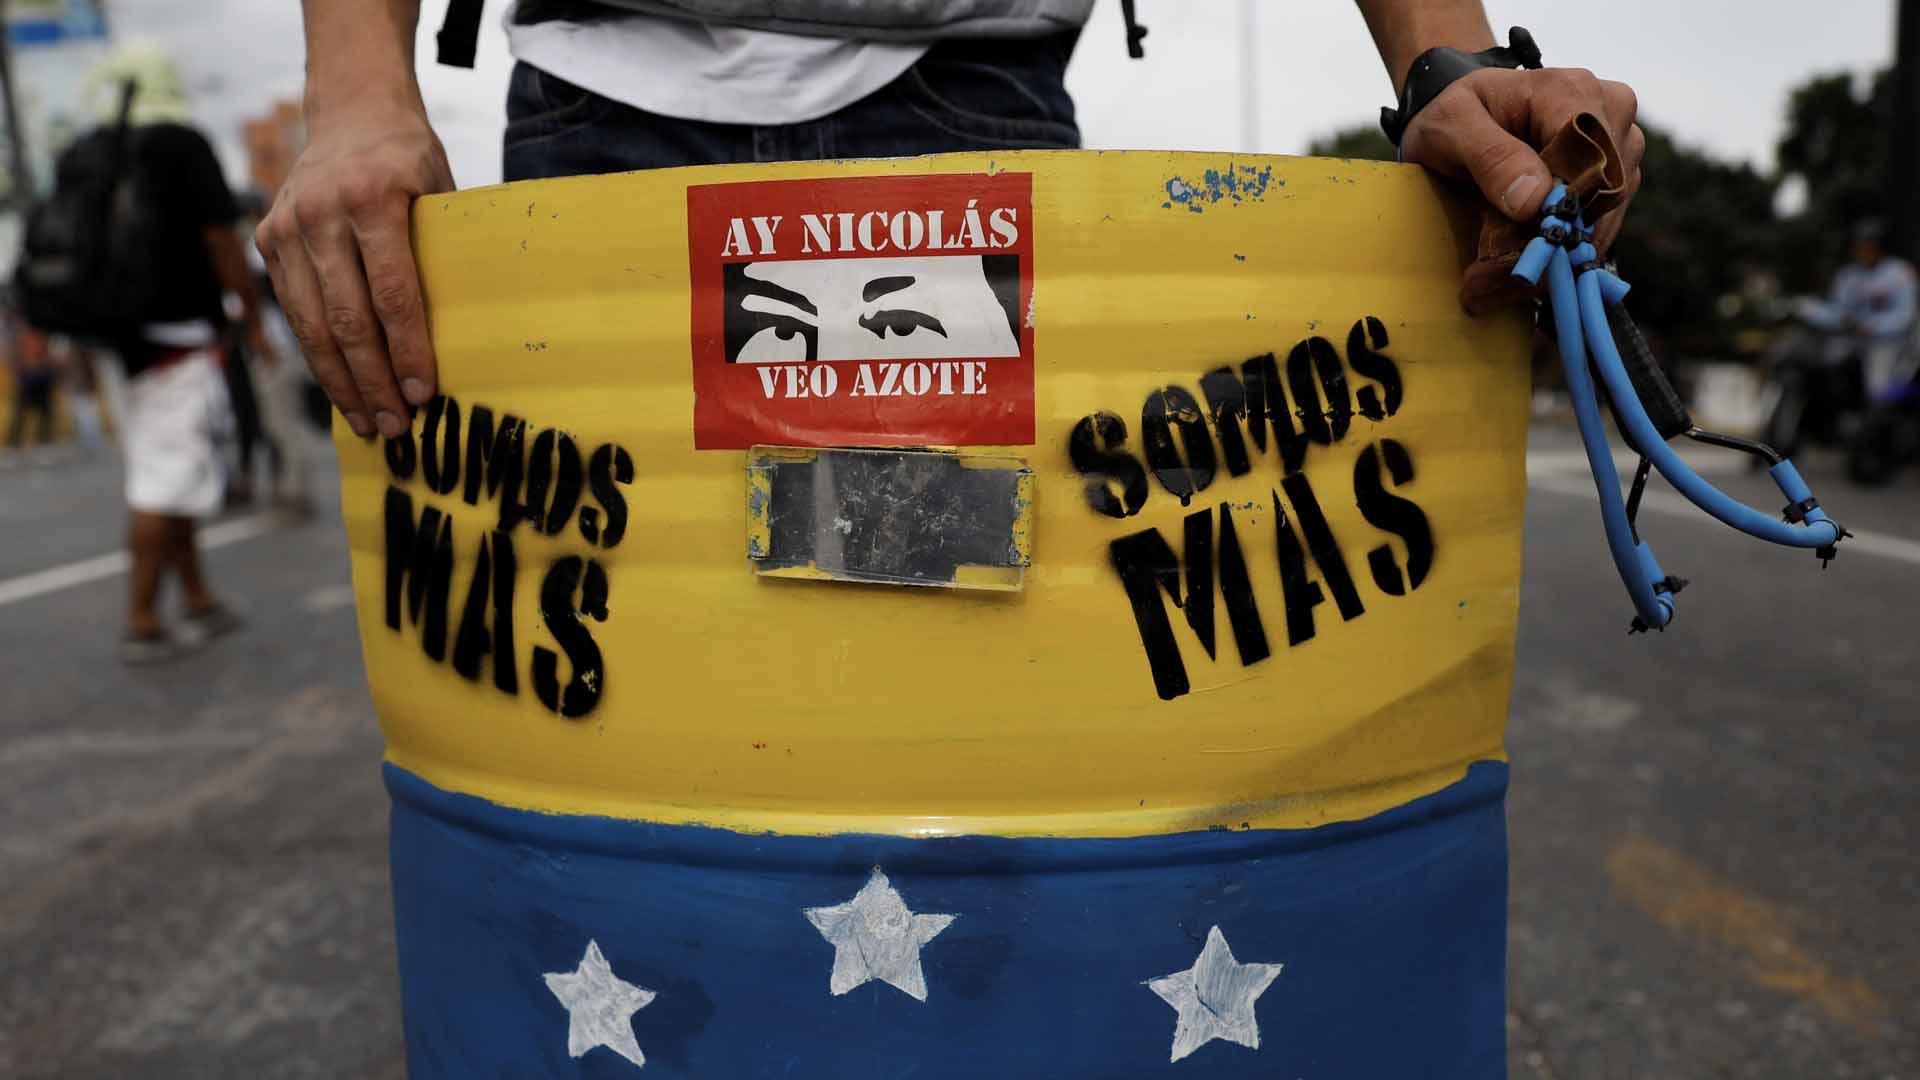 Cultura, violencia y poder en la Venezuela (post)chavista